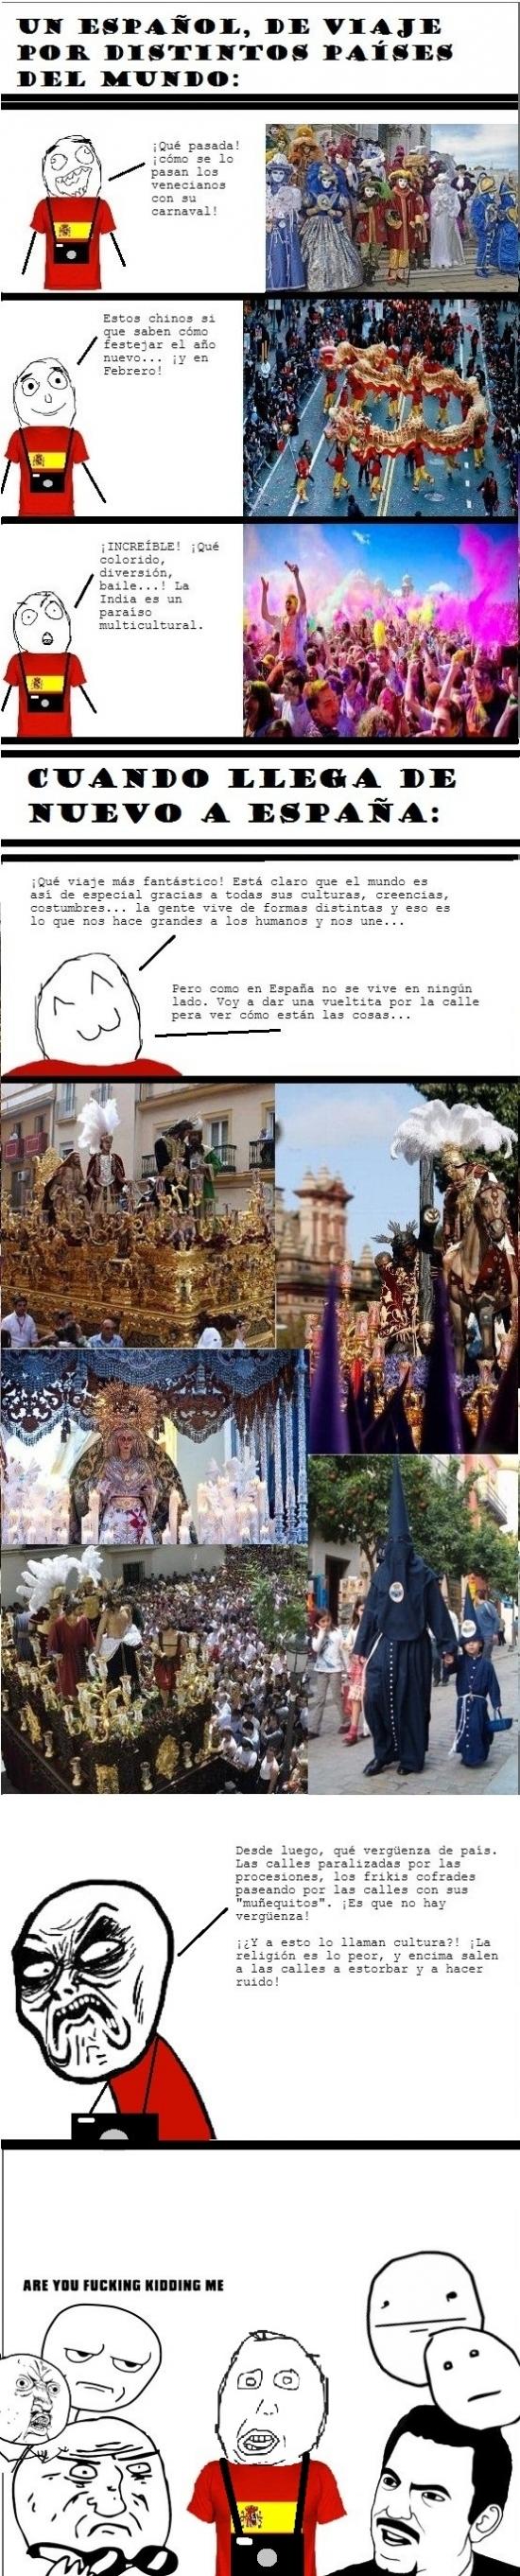 español,procesiones,semana santa,turista,vacaciones,viaje